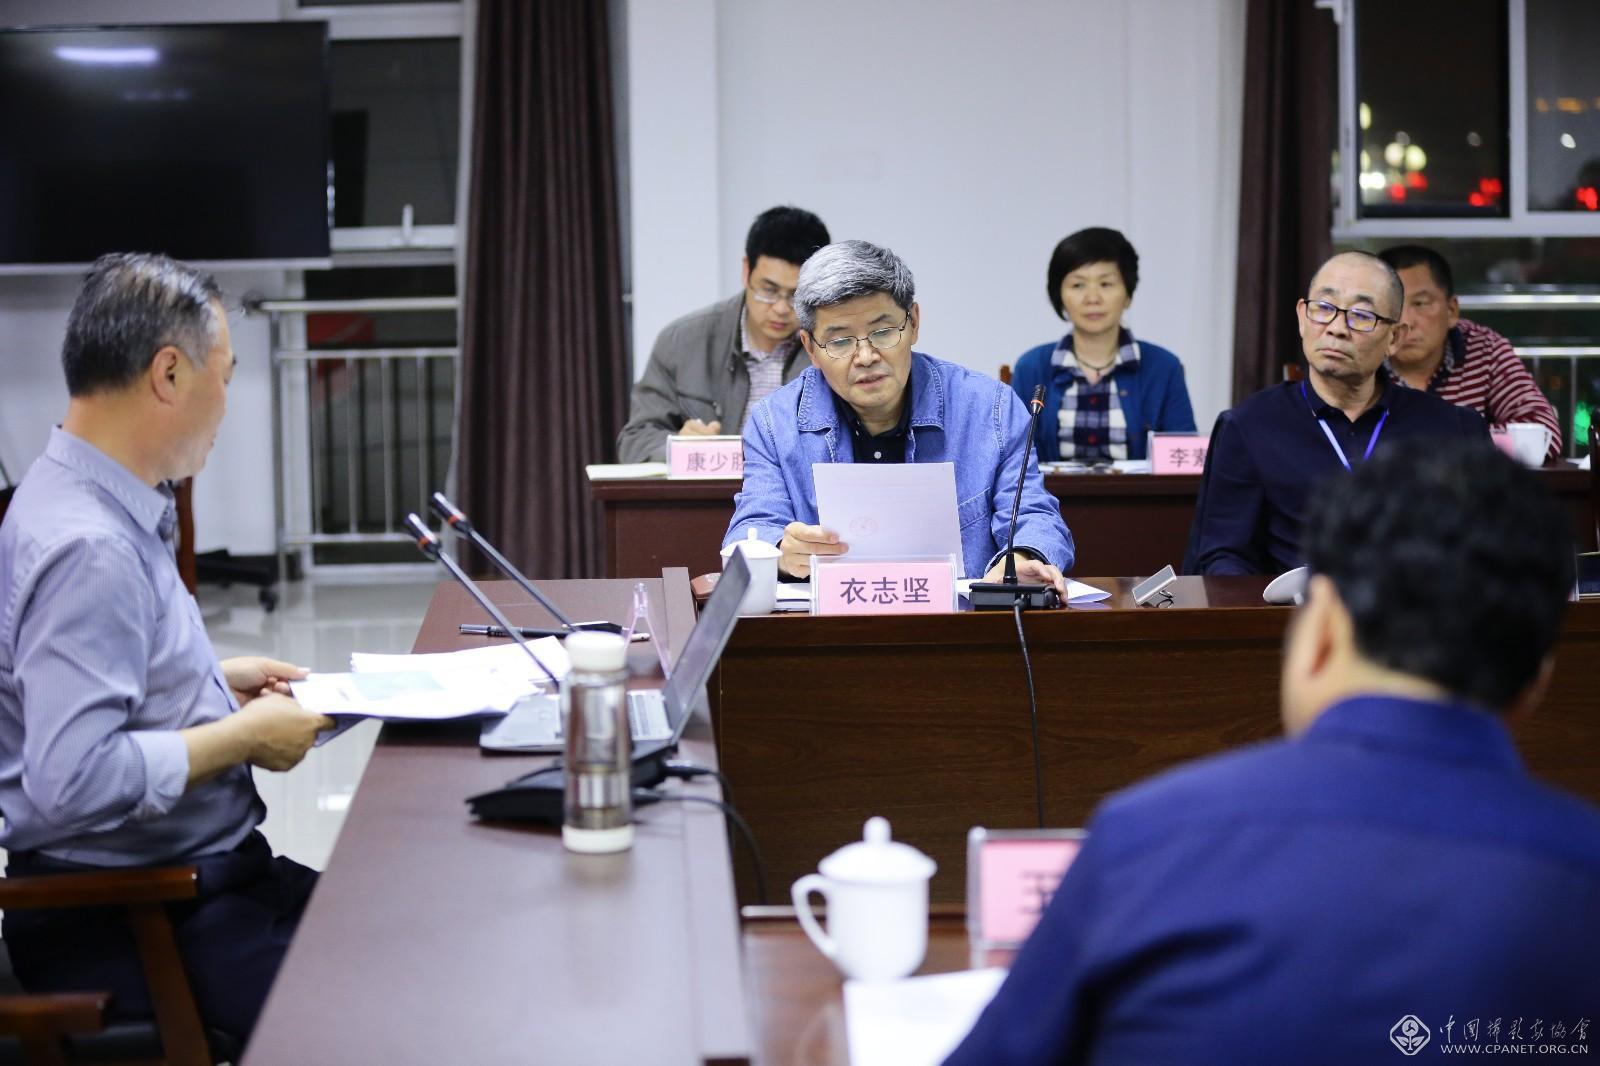 衣志坚副主席宣读对2017优秀会员表彰的决定。闫建超摄.JPG